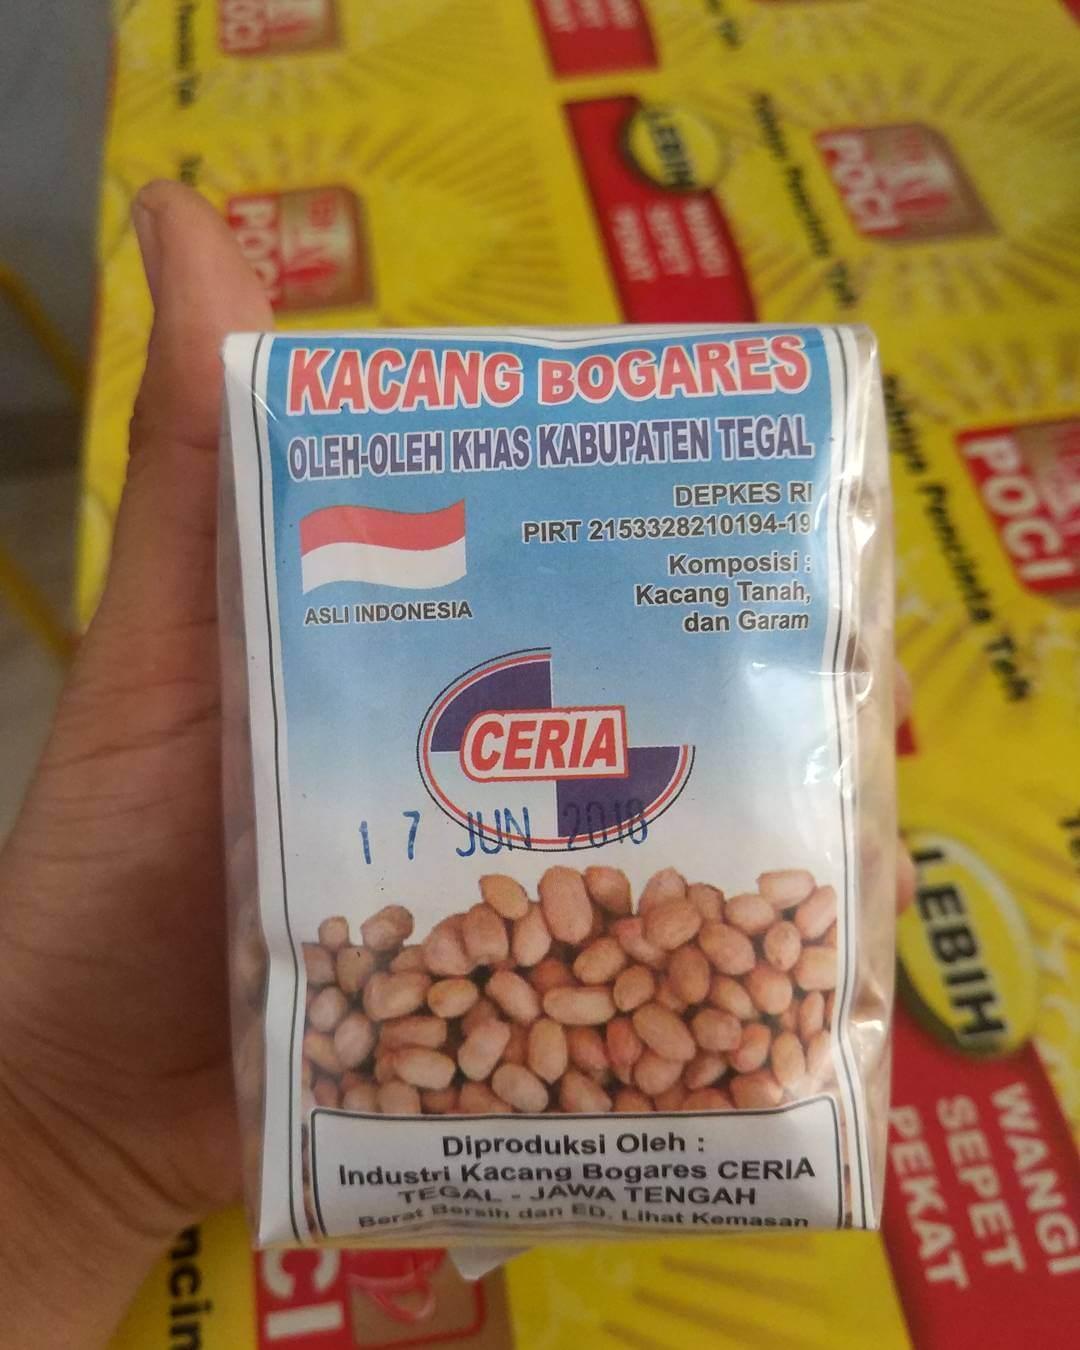 kacang bogares cemilan khas tegal